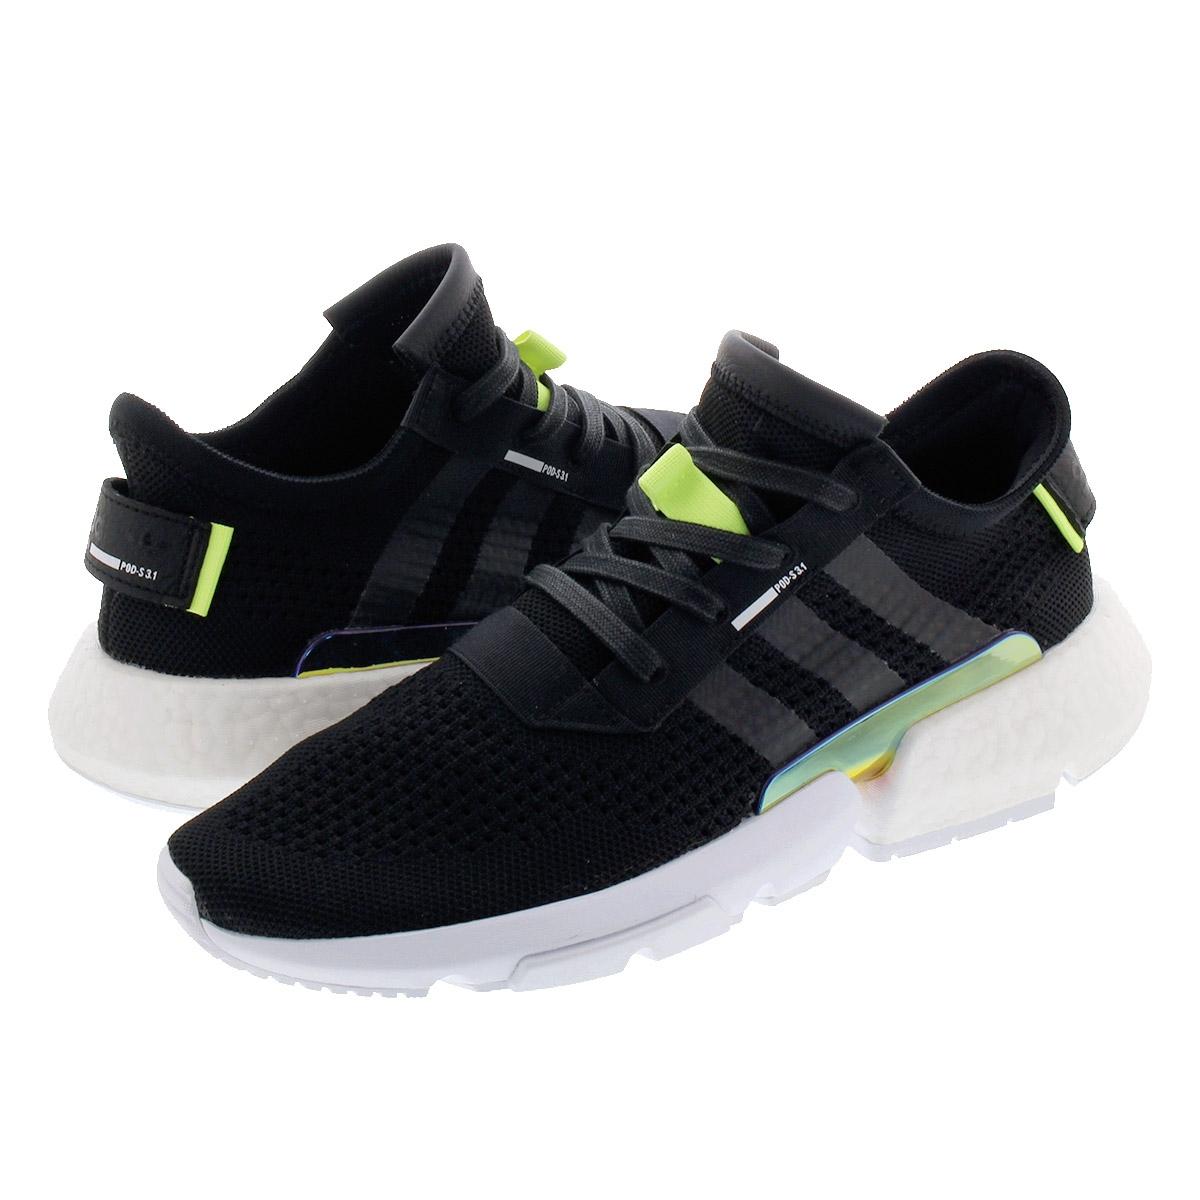 【毎日がお得!値下げプライス】 adidas POD-S3.1 アディダス POD-S3.1 CORE BLACK/CORE BLACK/RUNNIG WHITE da8693